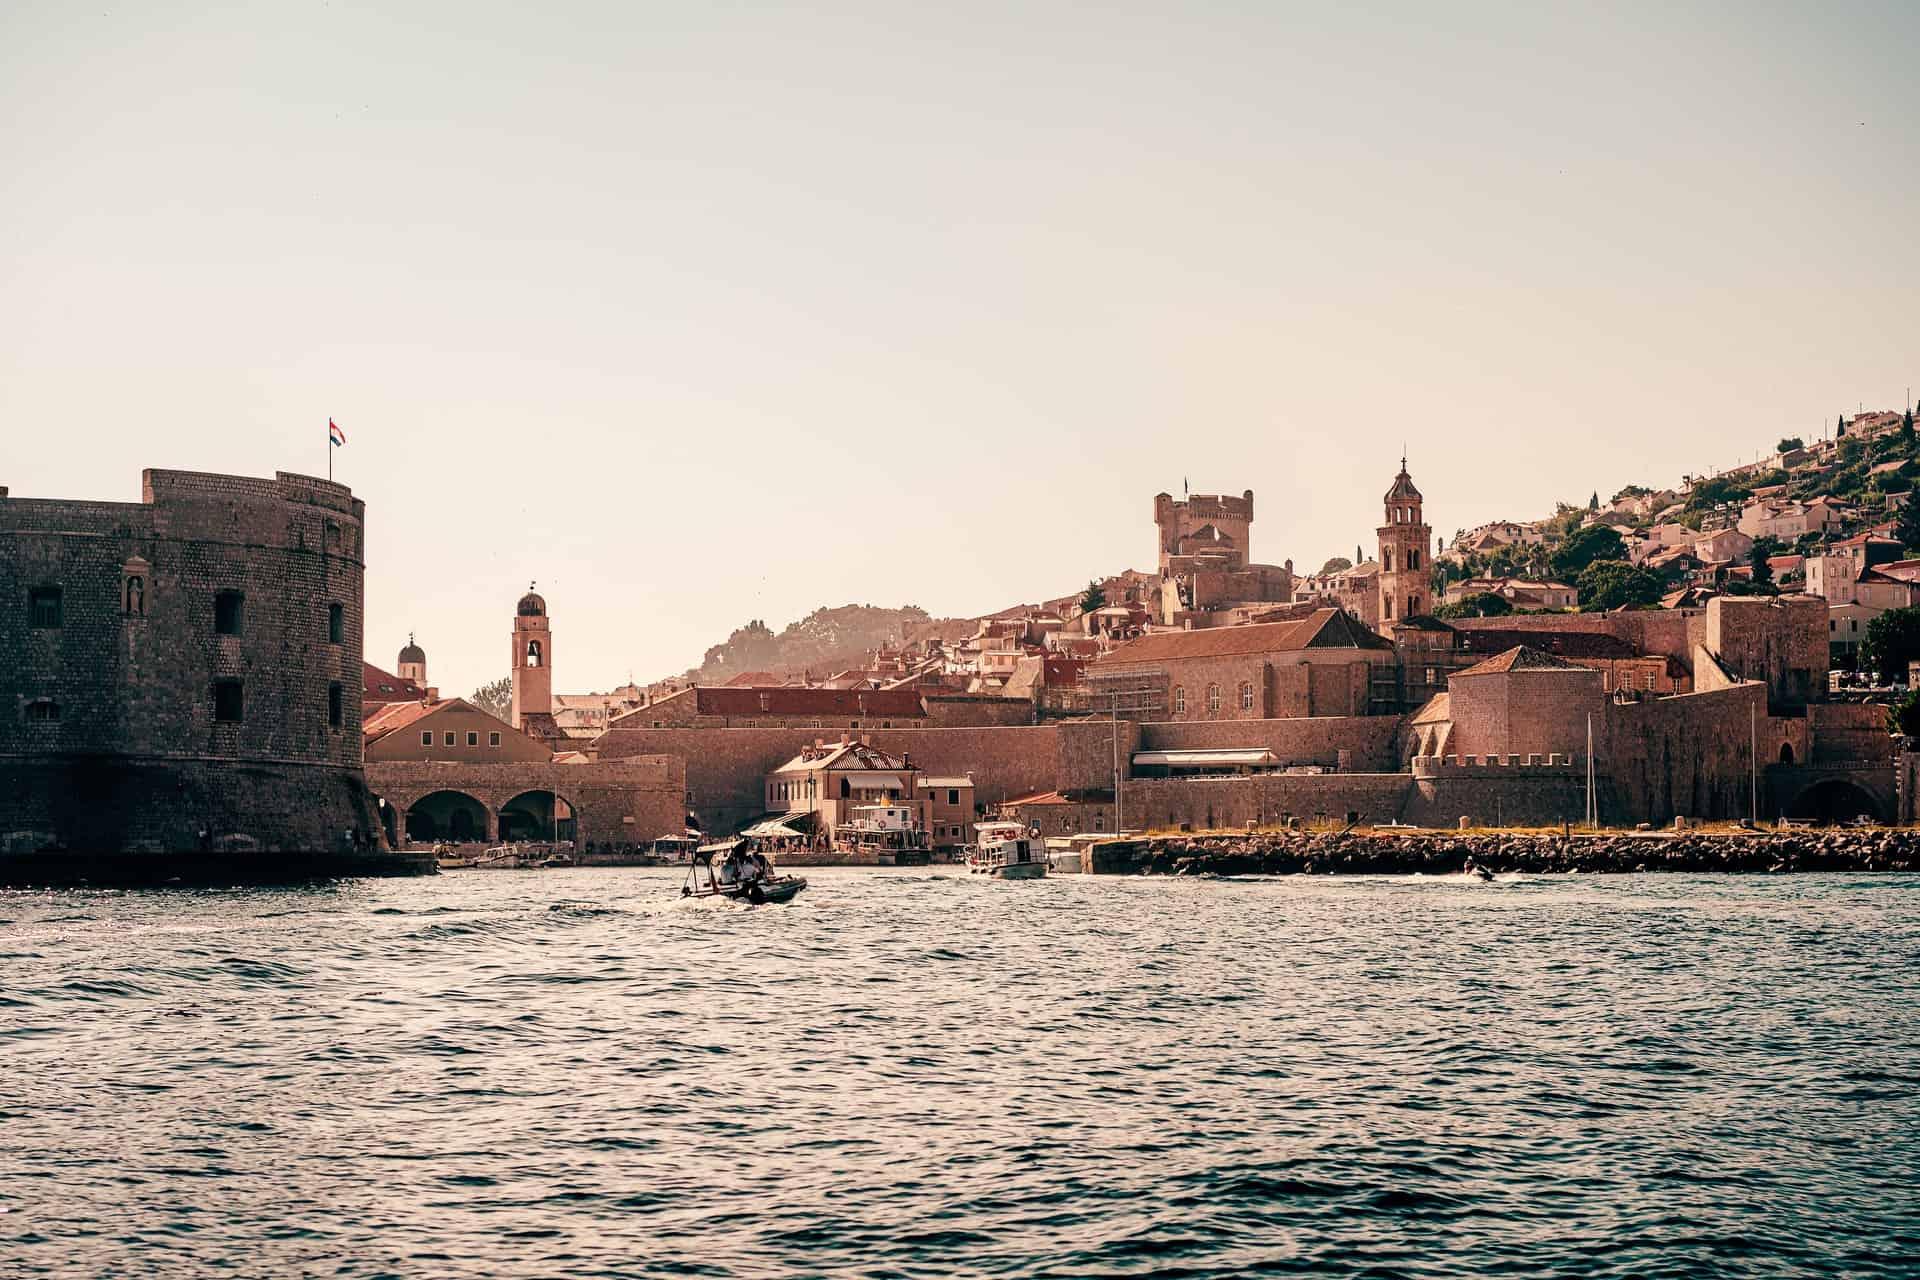 Name of Thrones | Populaire babynamen uit de serie. Oude, historische stad aan het water.